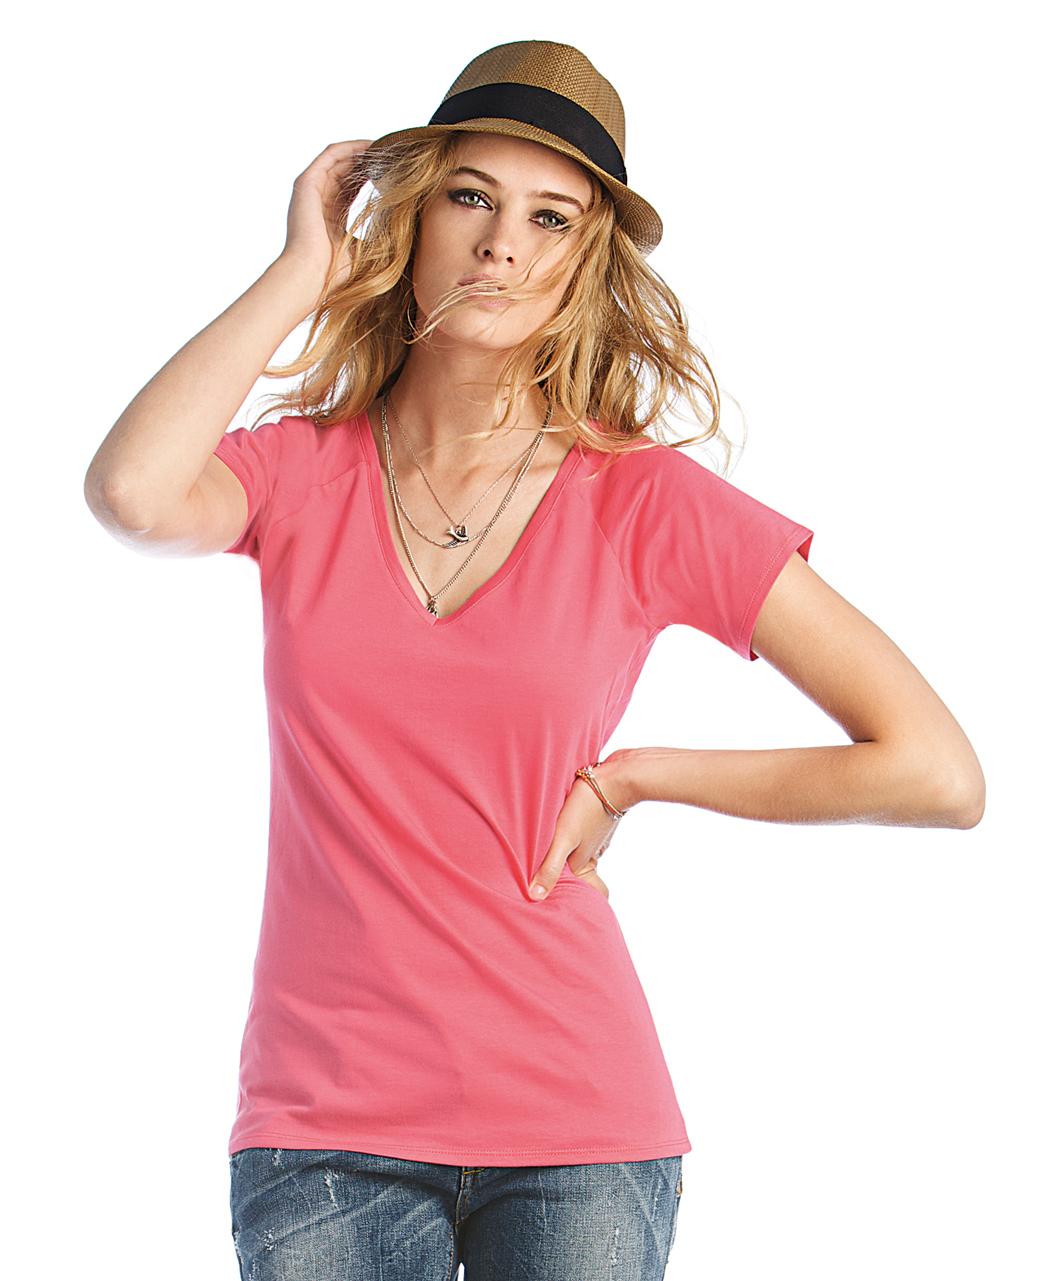 B&C Blondie Classic Women T-shirt